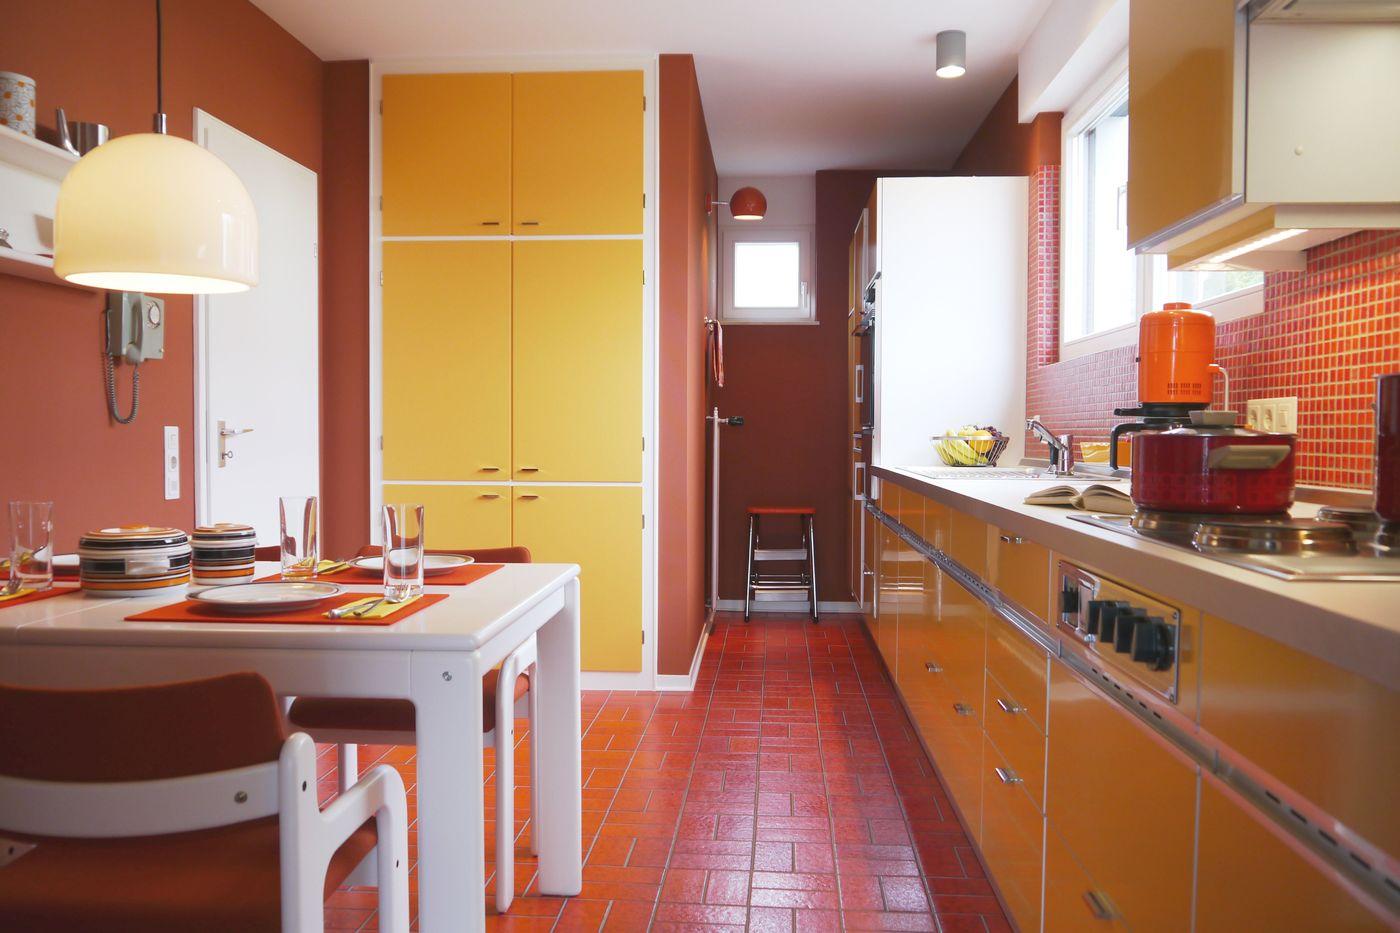 Mid Century Stil: Wohnungen im 60er Jahre Stil - Seite 21